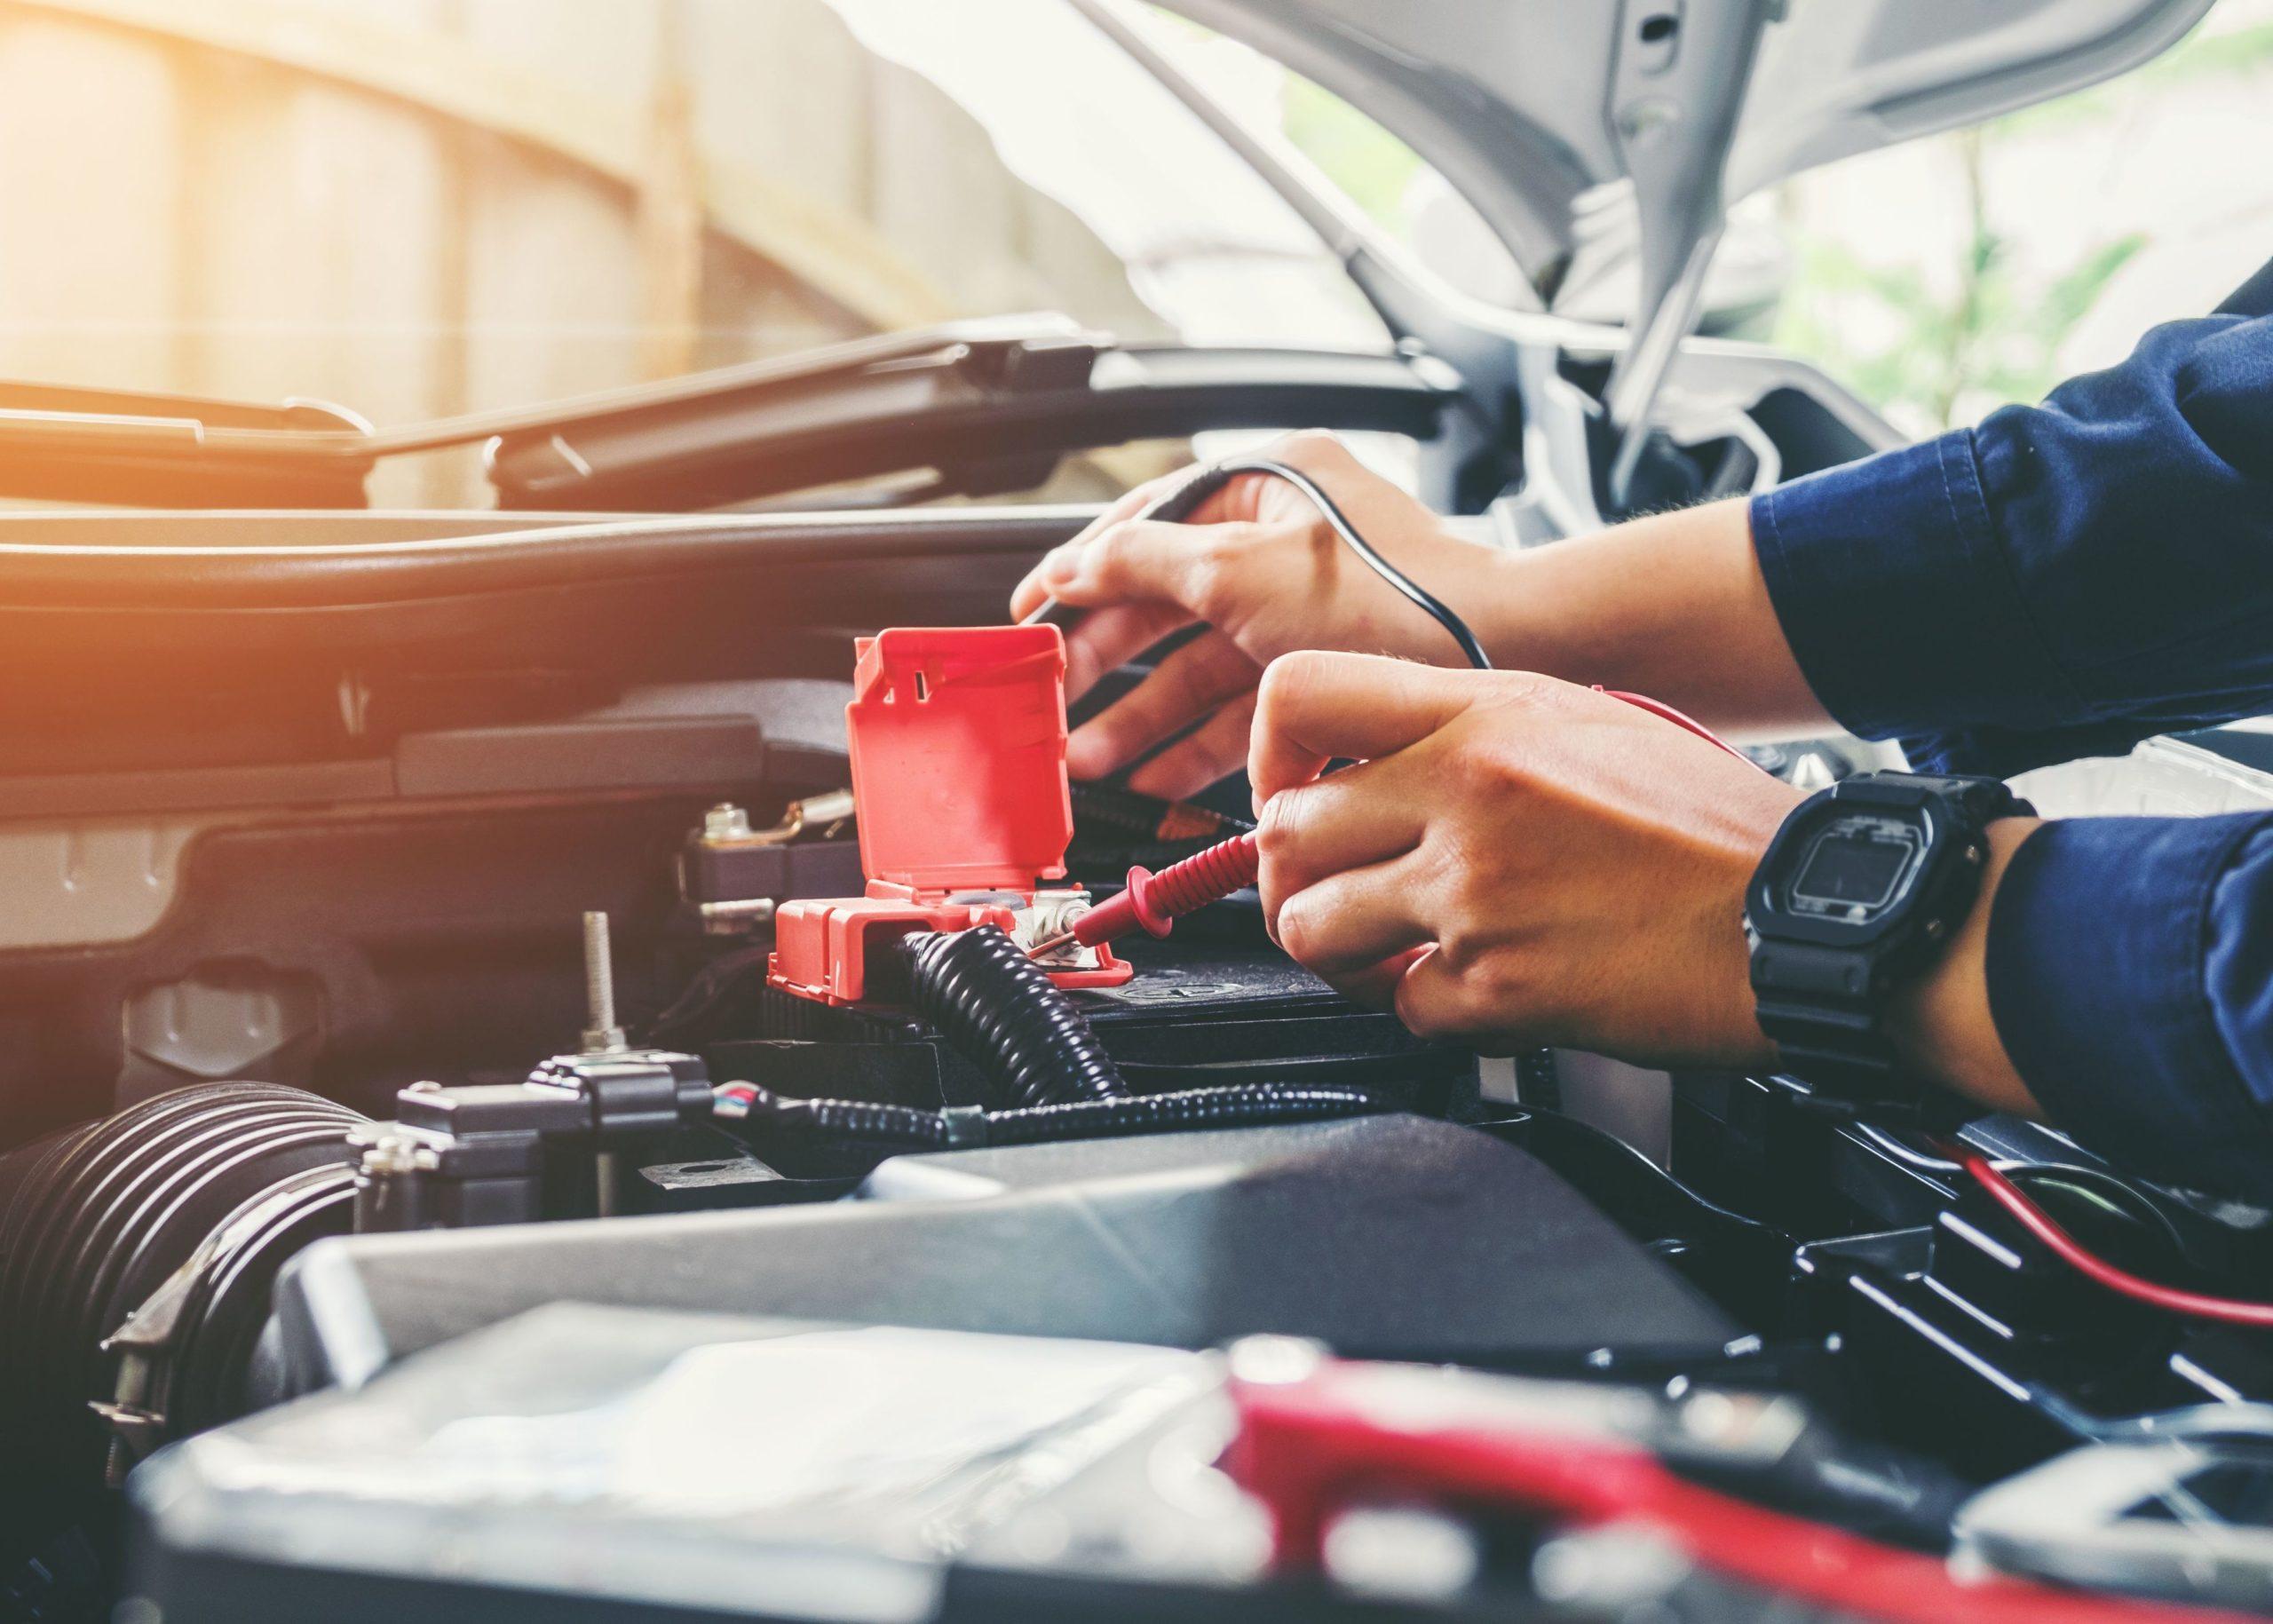 mains de mécanicien spécialiste Bmw, Mini, vente voiture, dépôt-vente, réparation, garage, Rambouillet, Saint-Arnoult-en-Yvelines, BestenMotor, Nicolas goddard